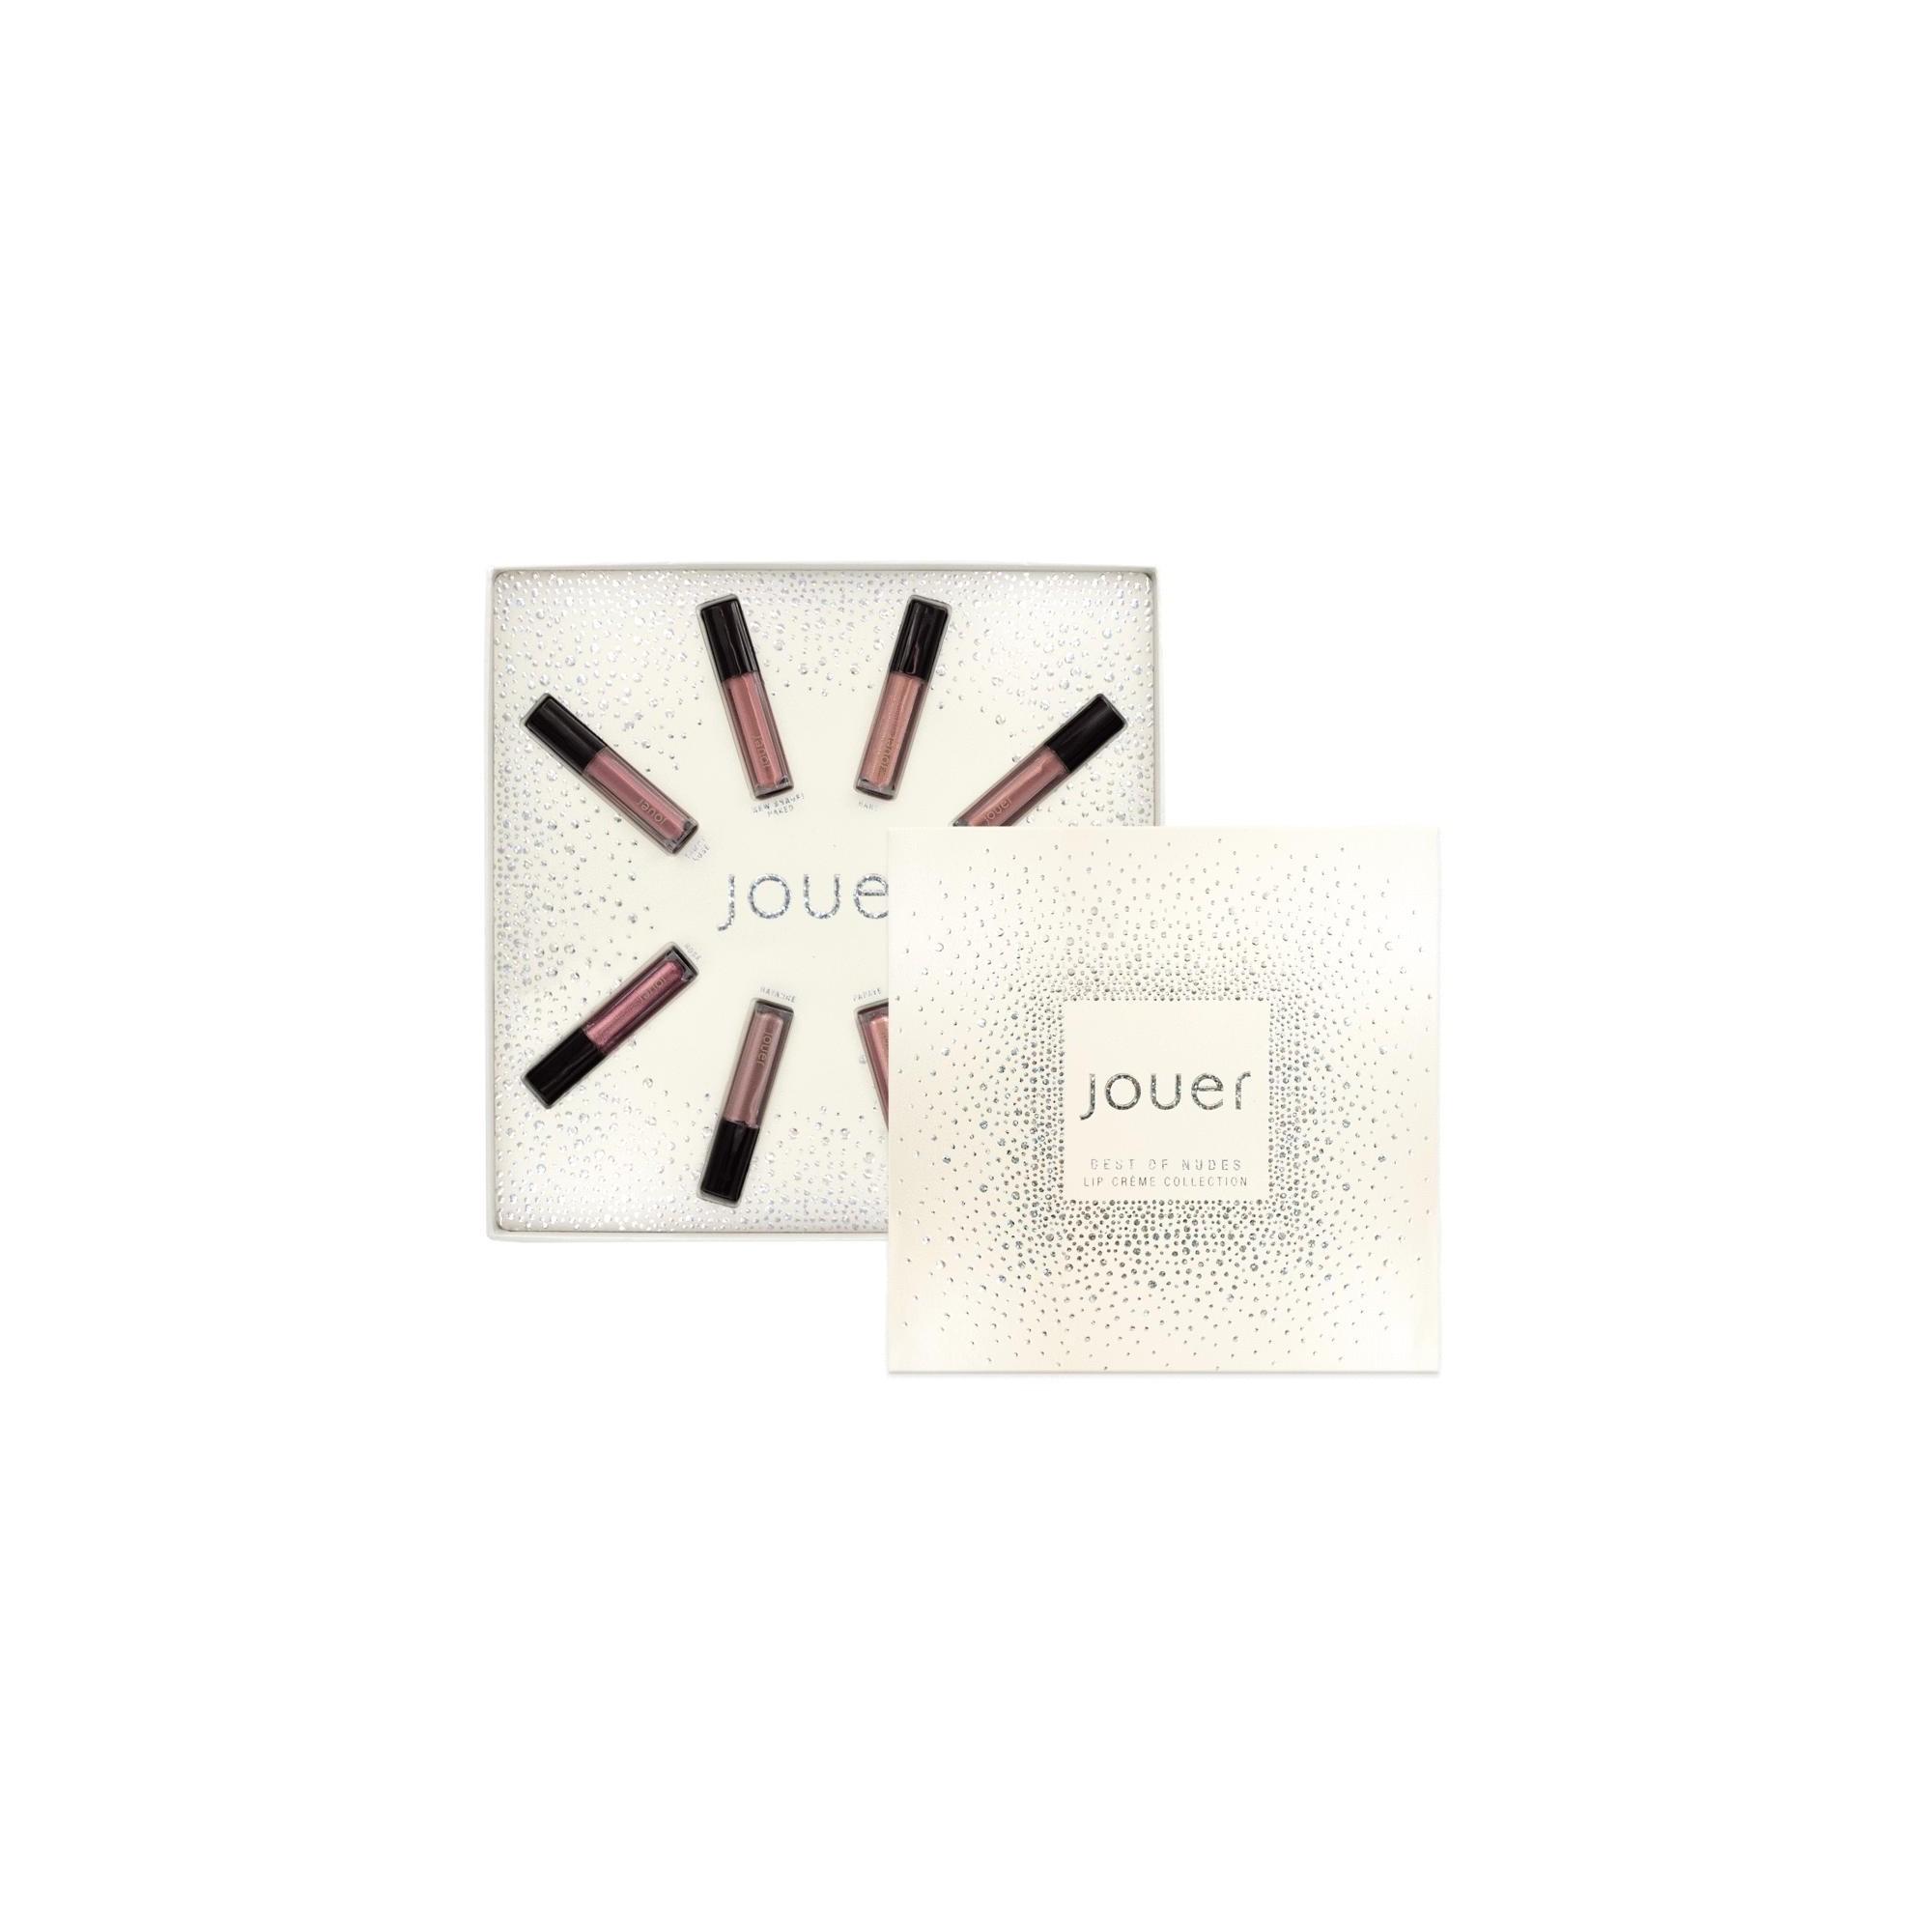 Jouer Best of Nudes Mini Lip Crème Gift Set